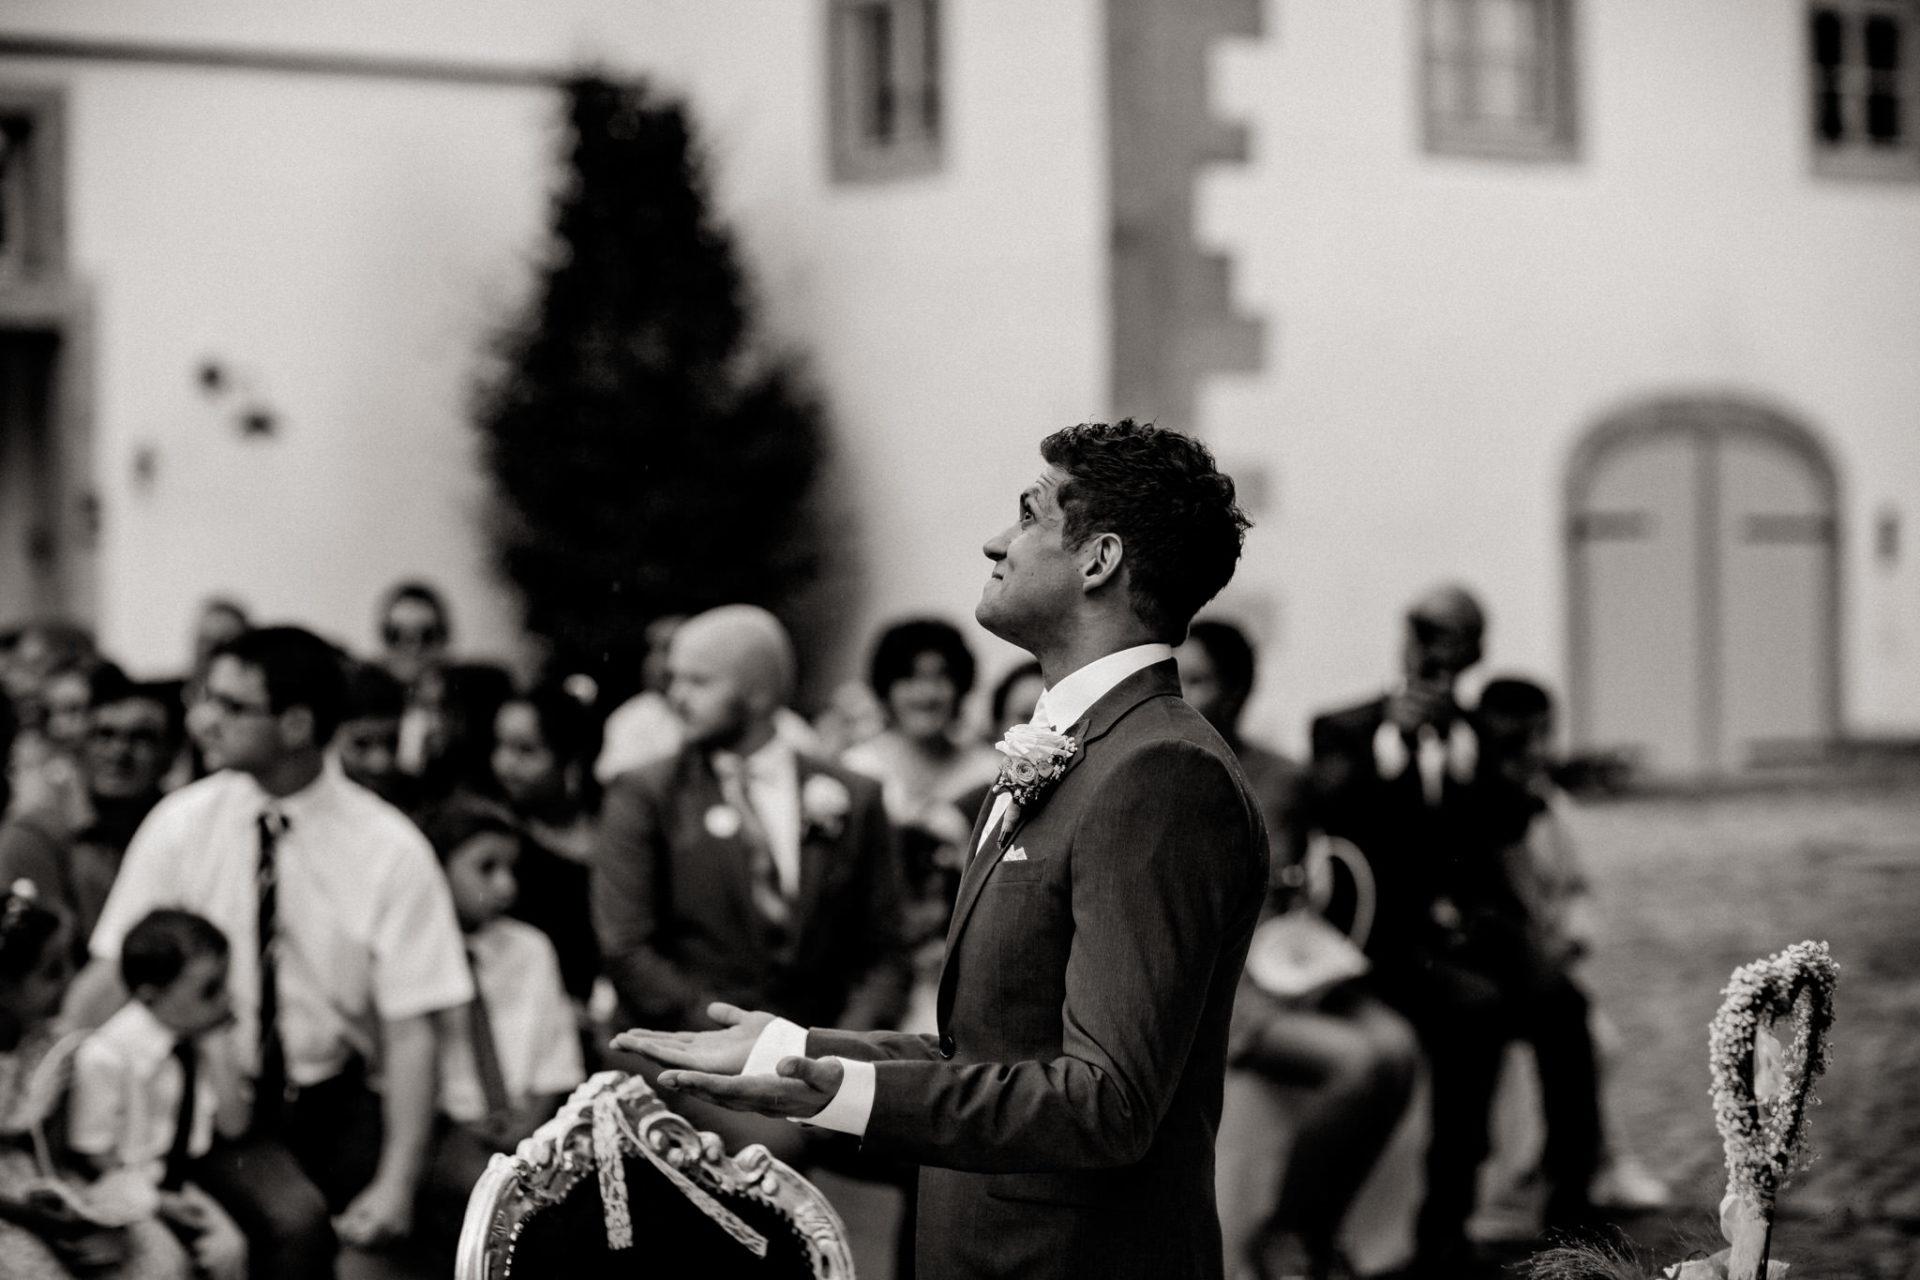 Hochzeitsfotograf Crailsheim-Wasserschloss Erkenbrechtshausen-Sommerhochzeit-Afghanisch-Deutsch heiraten-freie Trauung im Regen